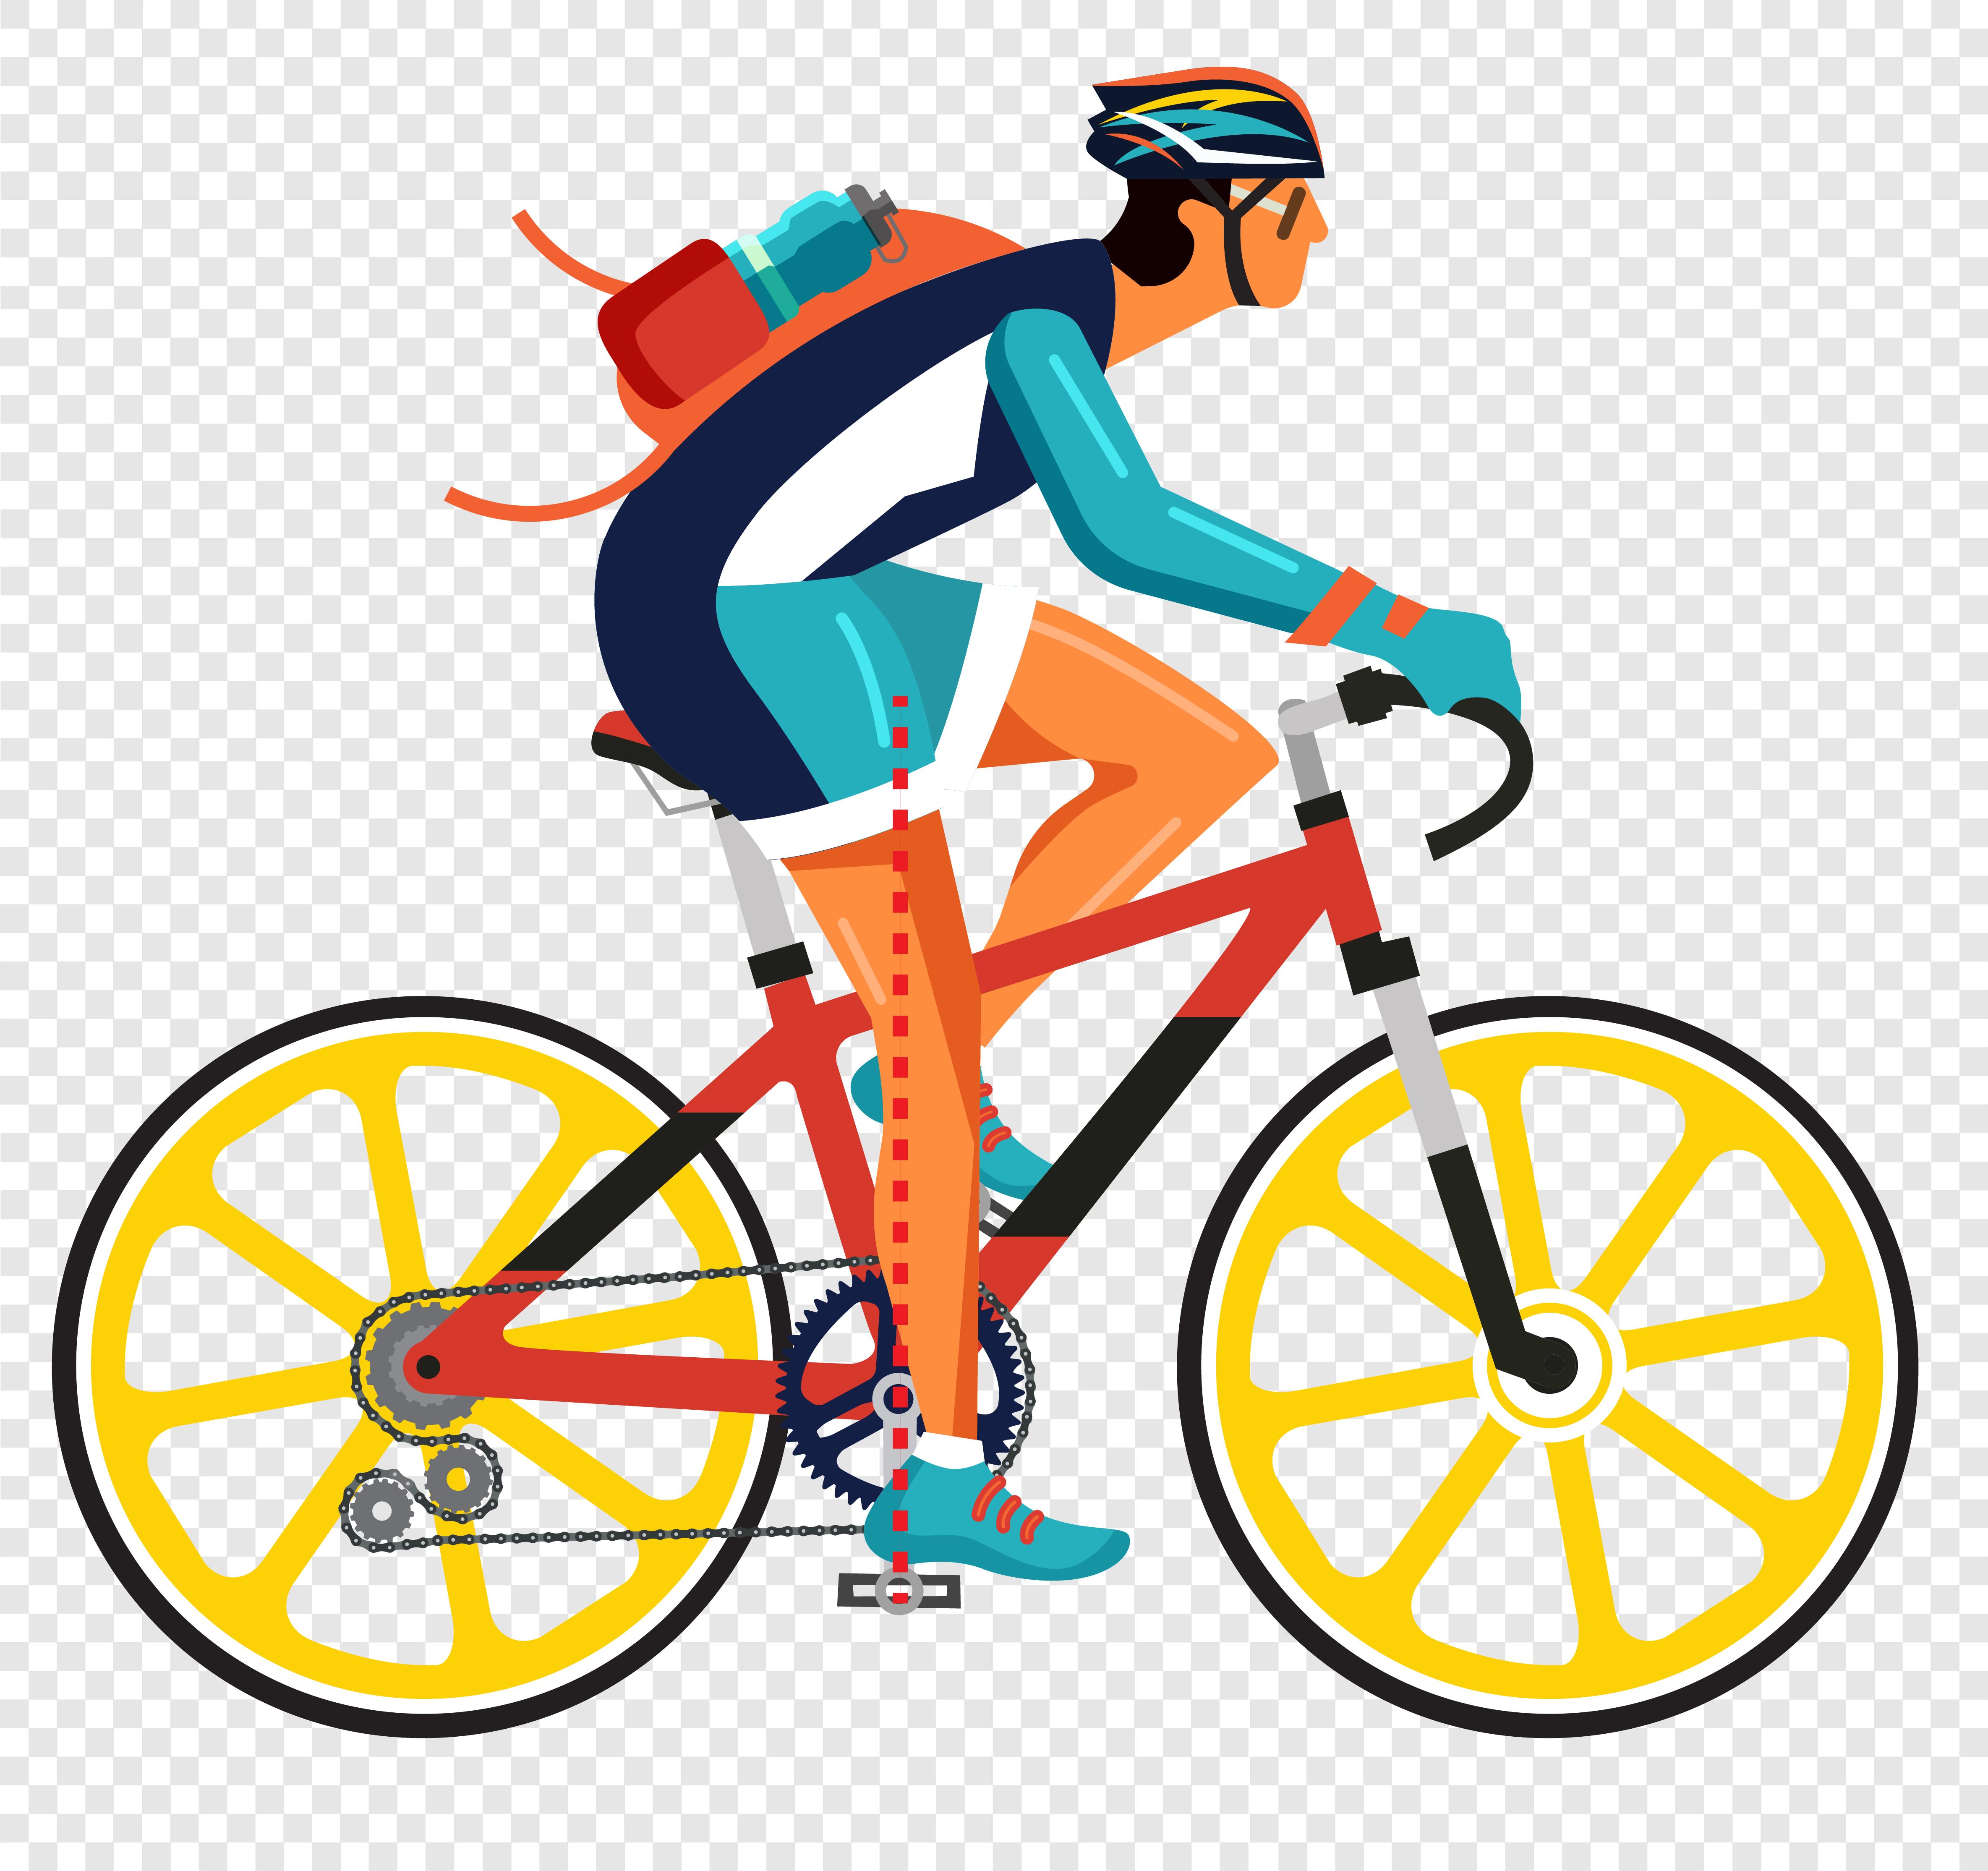 Bicycle 08.jpg (2.72 MB)